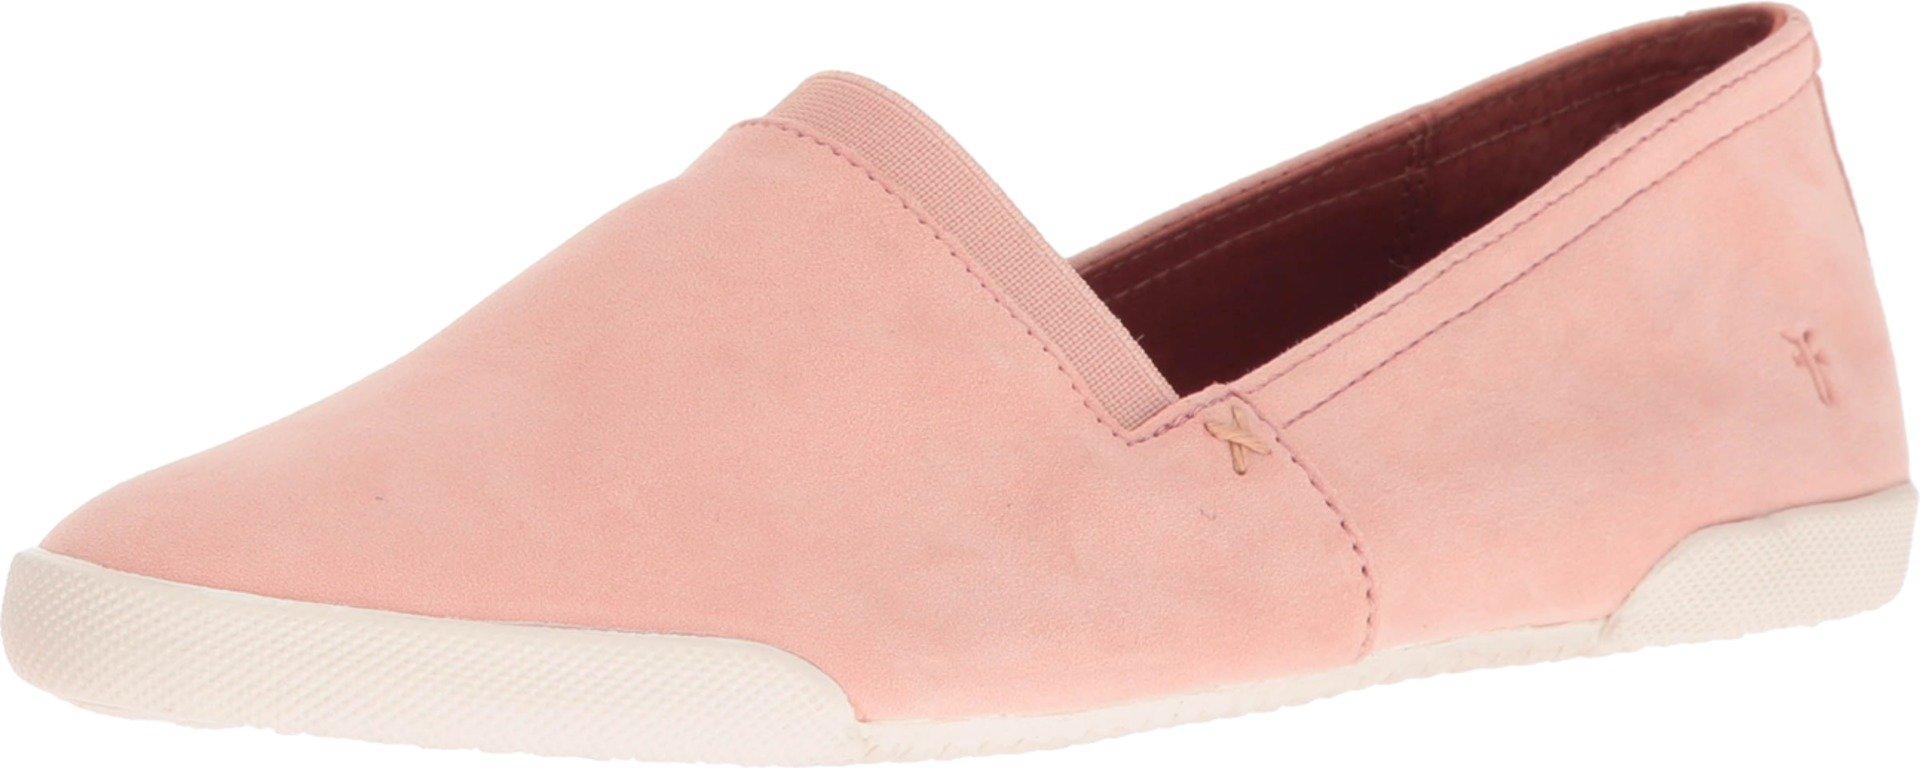 Frye Women's Melanie Slip-On Blush Loafer